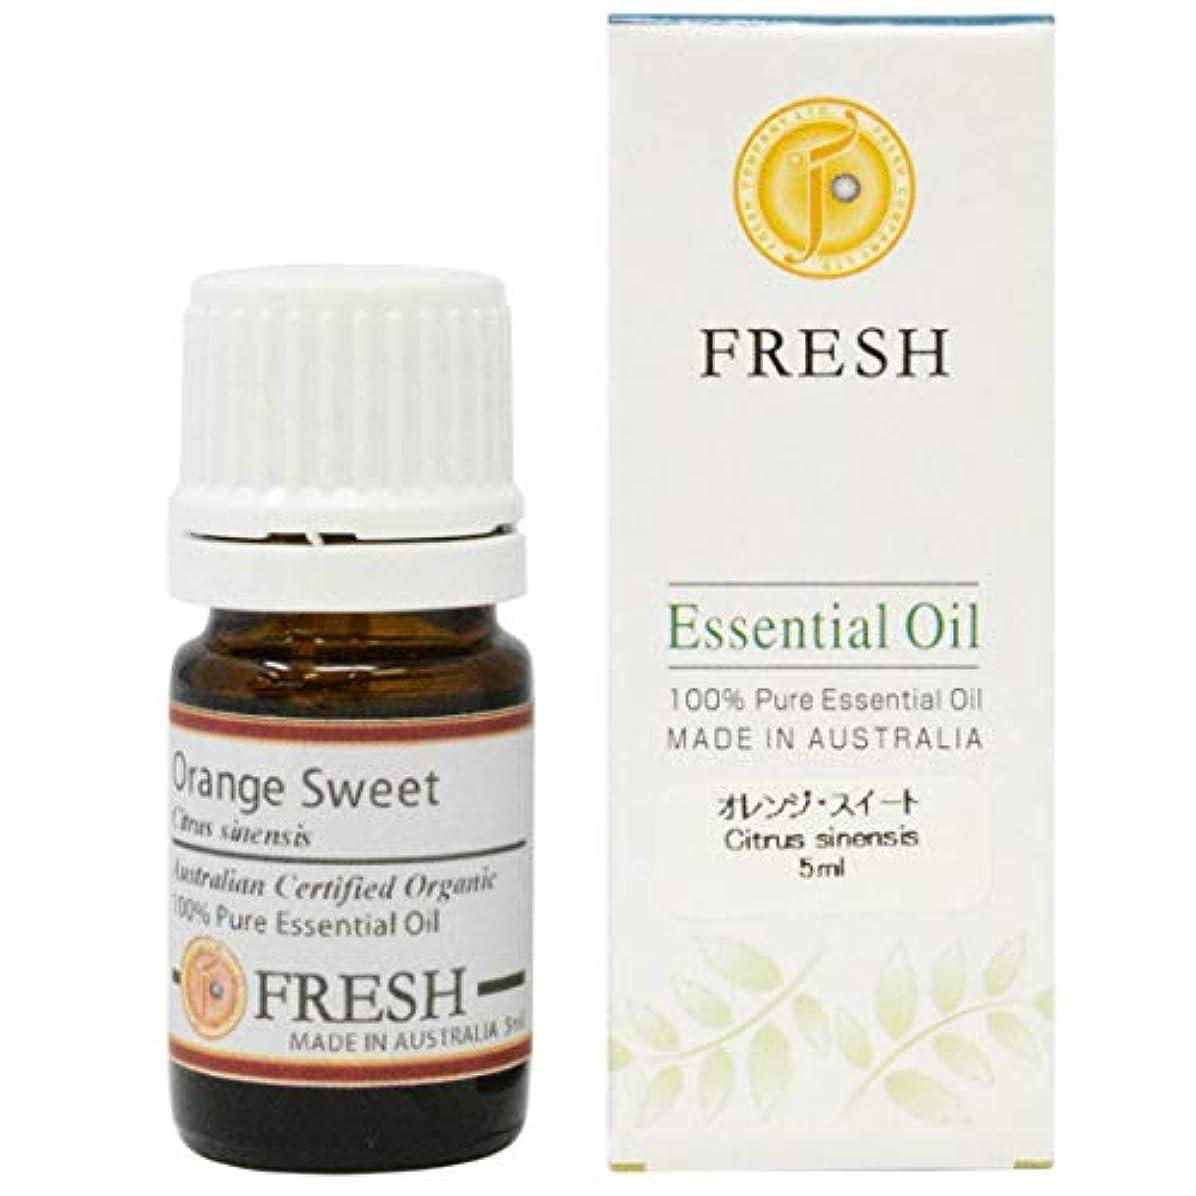 細い不毛の払い戻しFRESH オーガニック エッセンシャルオイル オレンジ?スイート 5ml (FRESH 精油)